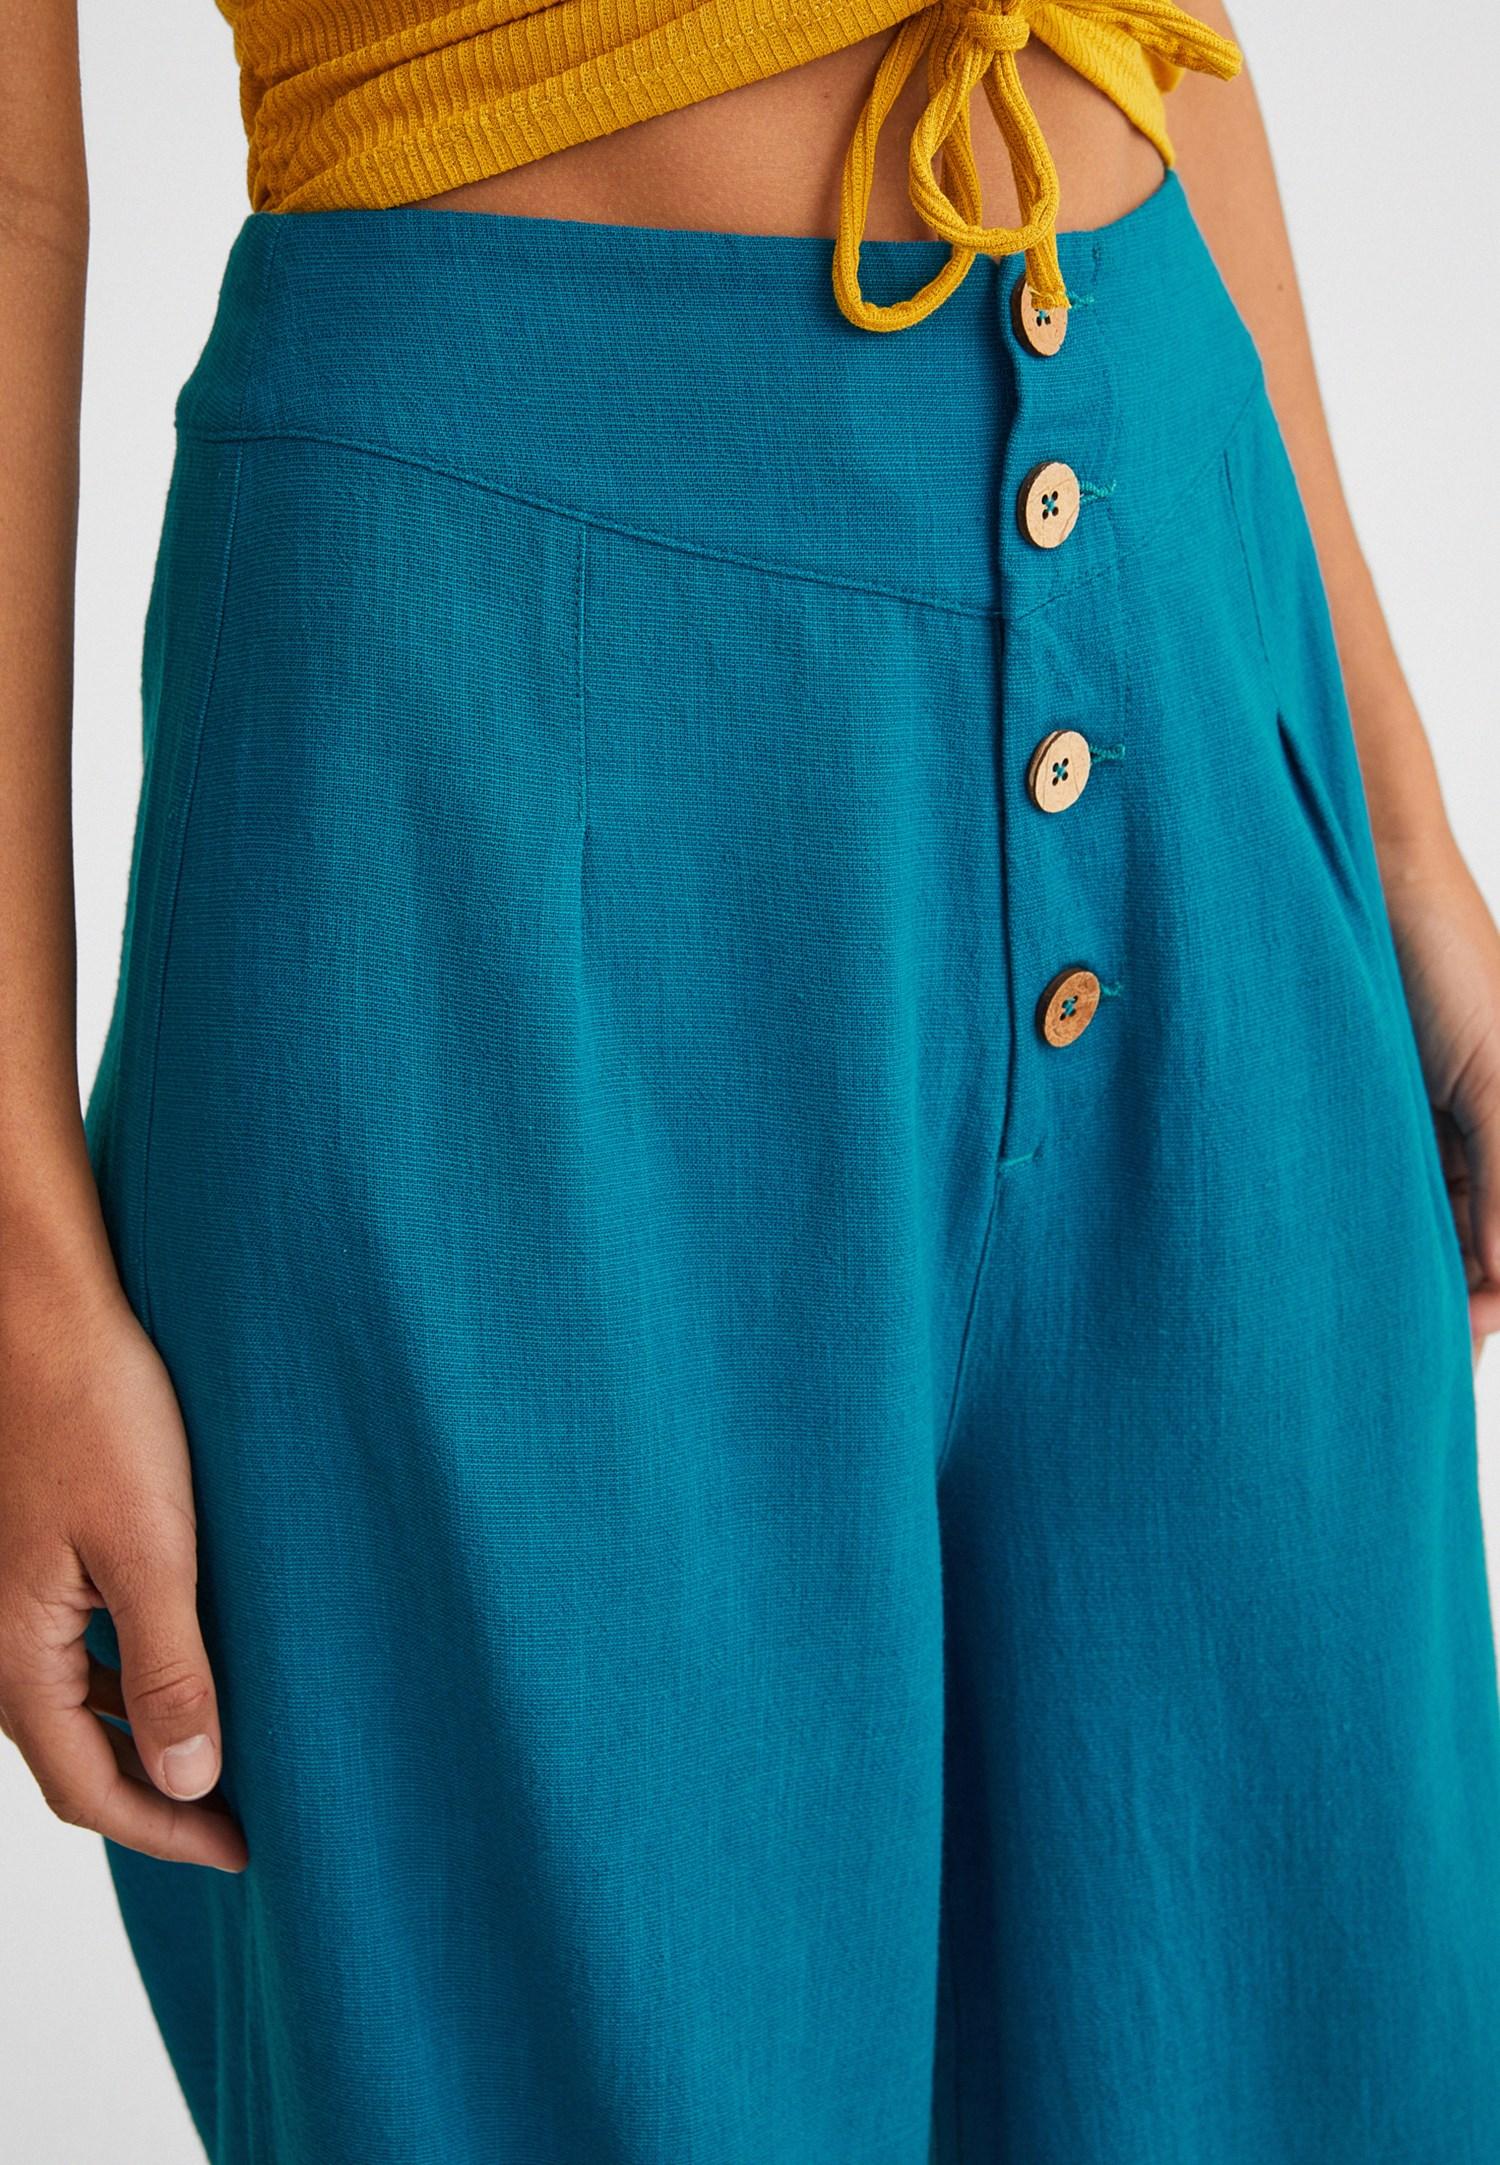 Bayan Mavi Düğme Detaylı Yüksek Bel Pantolon